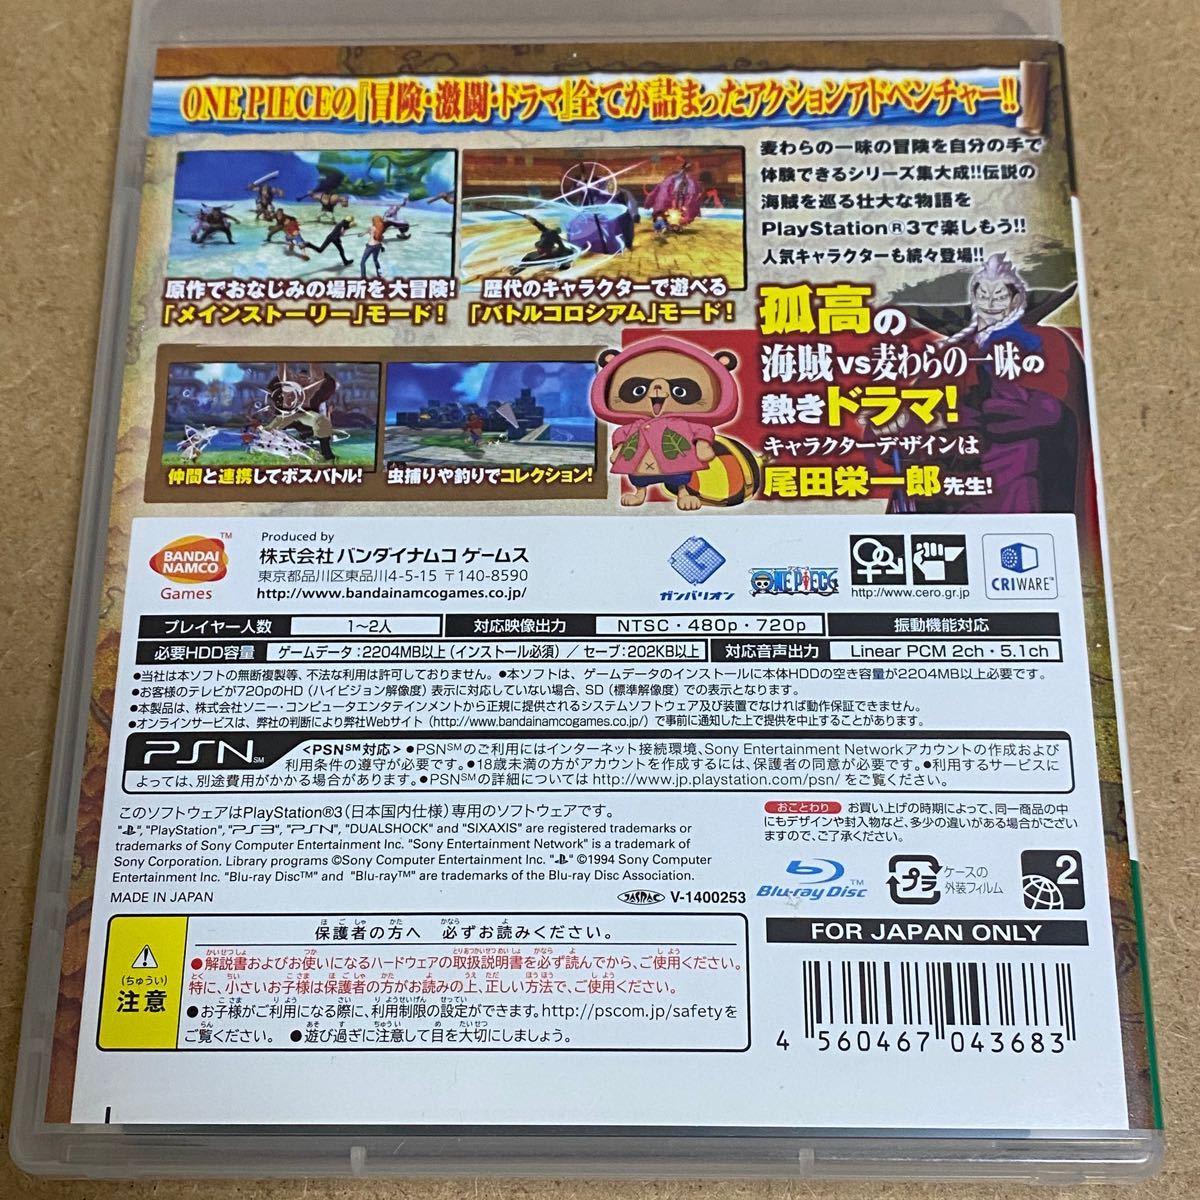 ワンピース アンリミテッドワールド R - PS3 バンダイナムコ